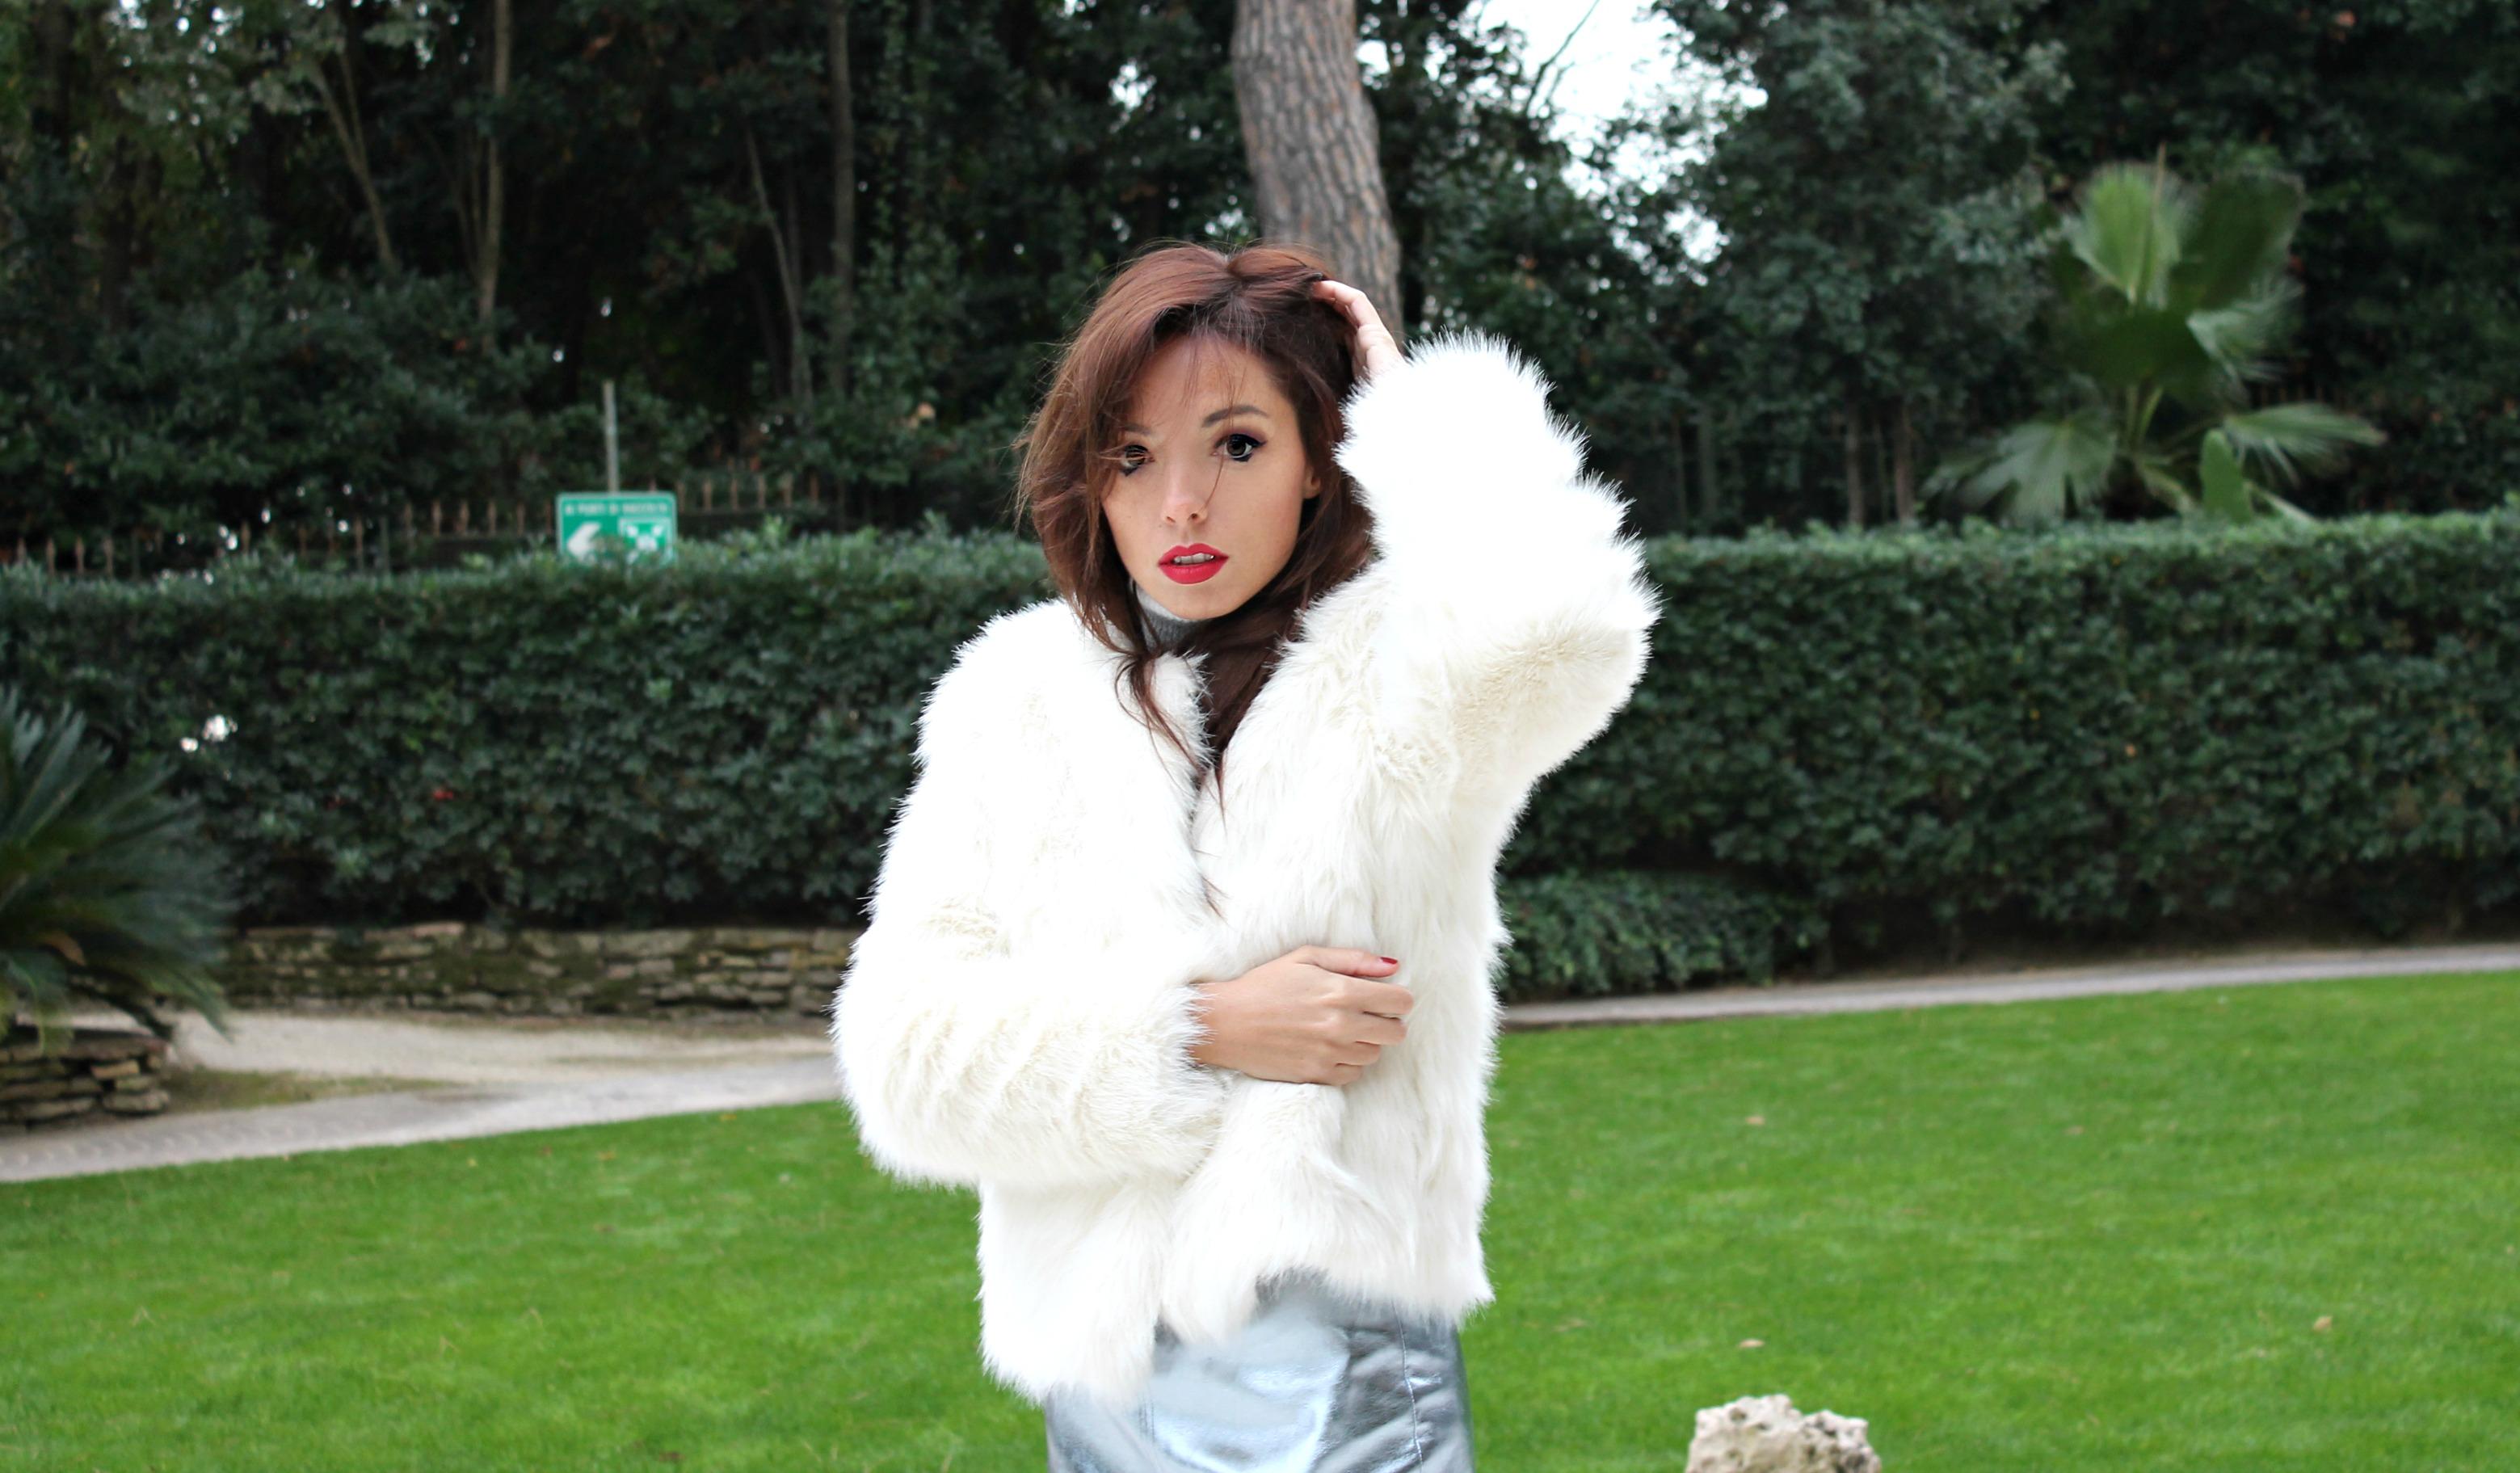 elisa bellino, theladycracy.it, white eco fur mango, glitter boots, fashion blogger outfit winter,amicizia vera, stivaletti glitterati, glitter stivaletti, white fur,